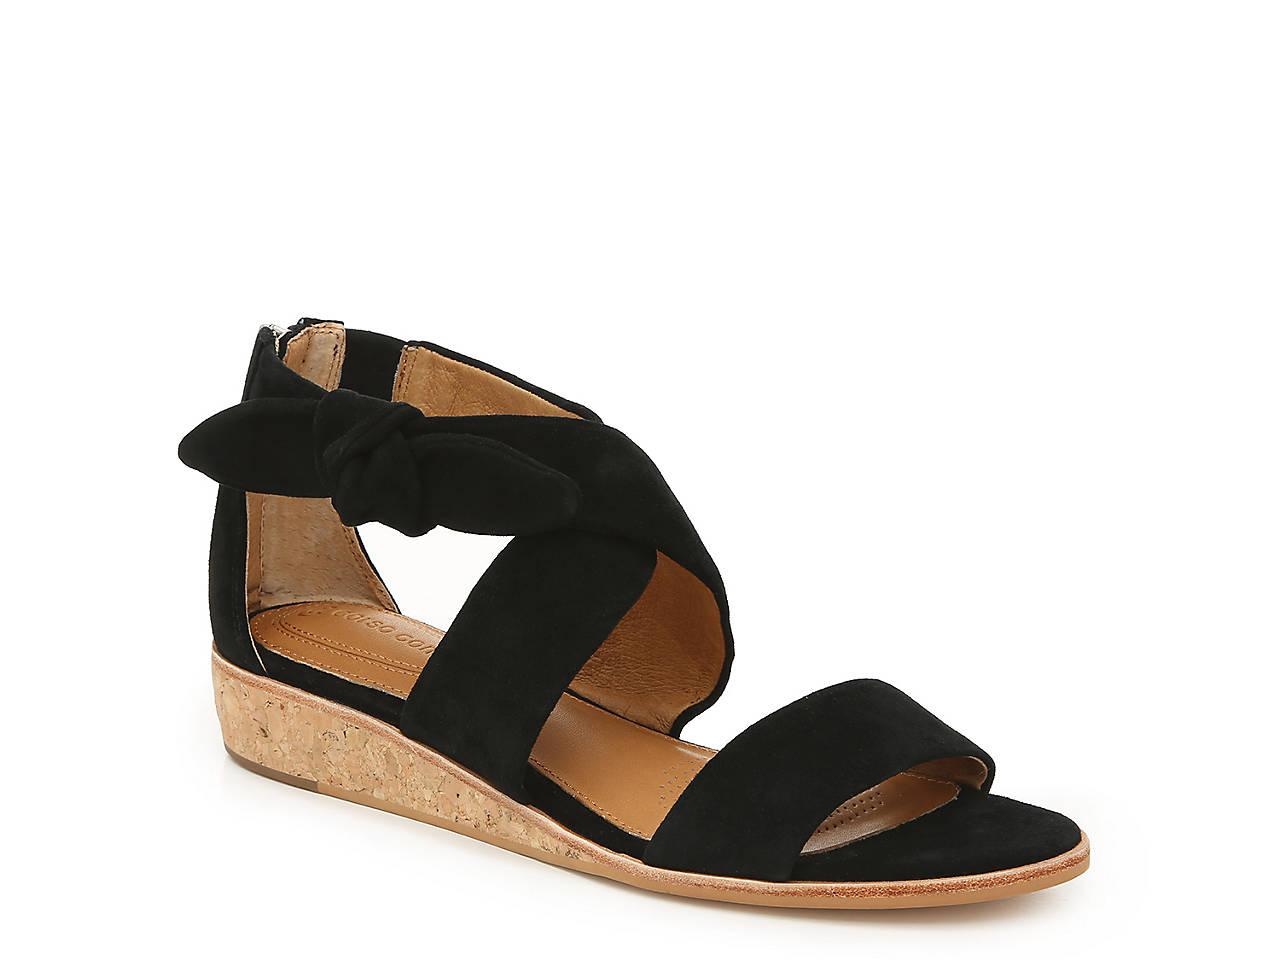 a9b8097d03c Corso Como Rasque Wedge Sandal Women s Shoes